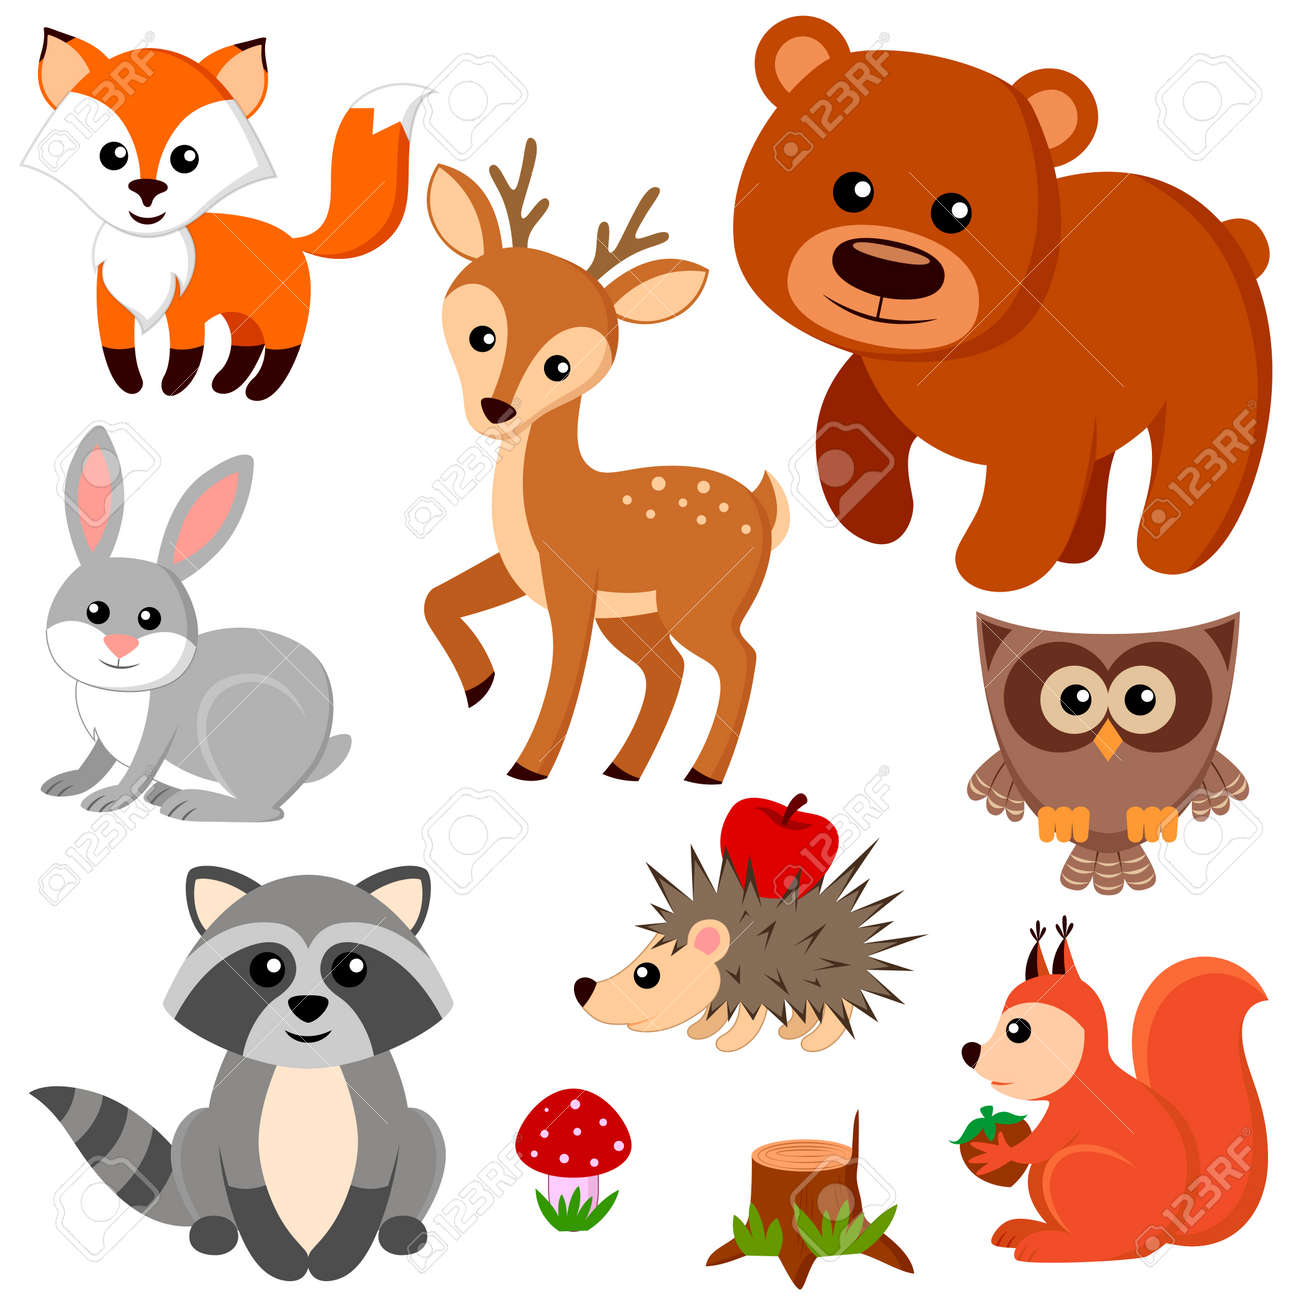 Forest animals. - 63134001